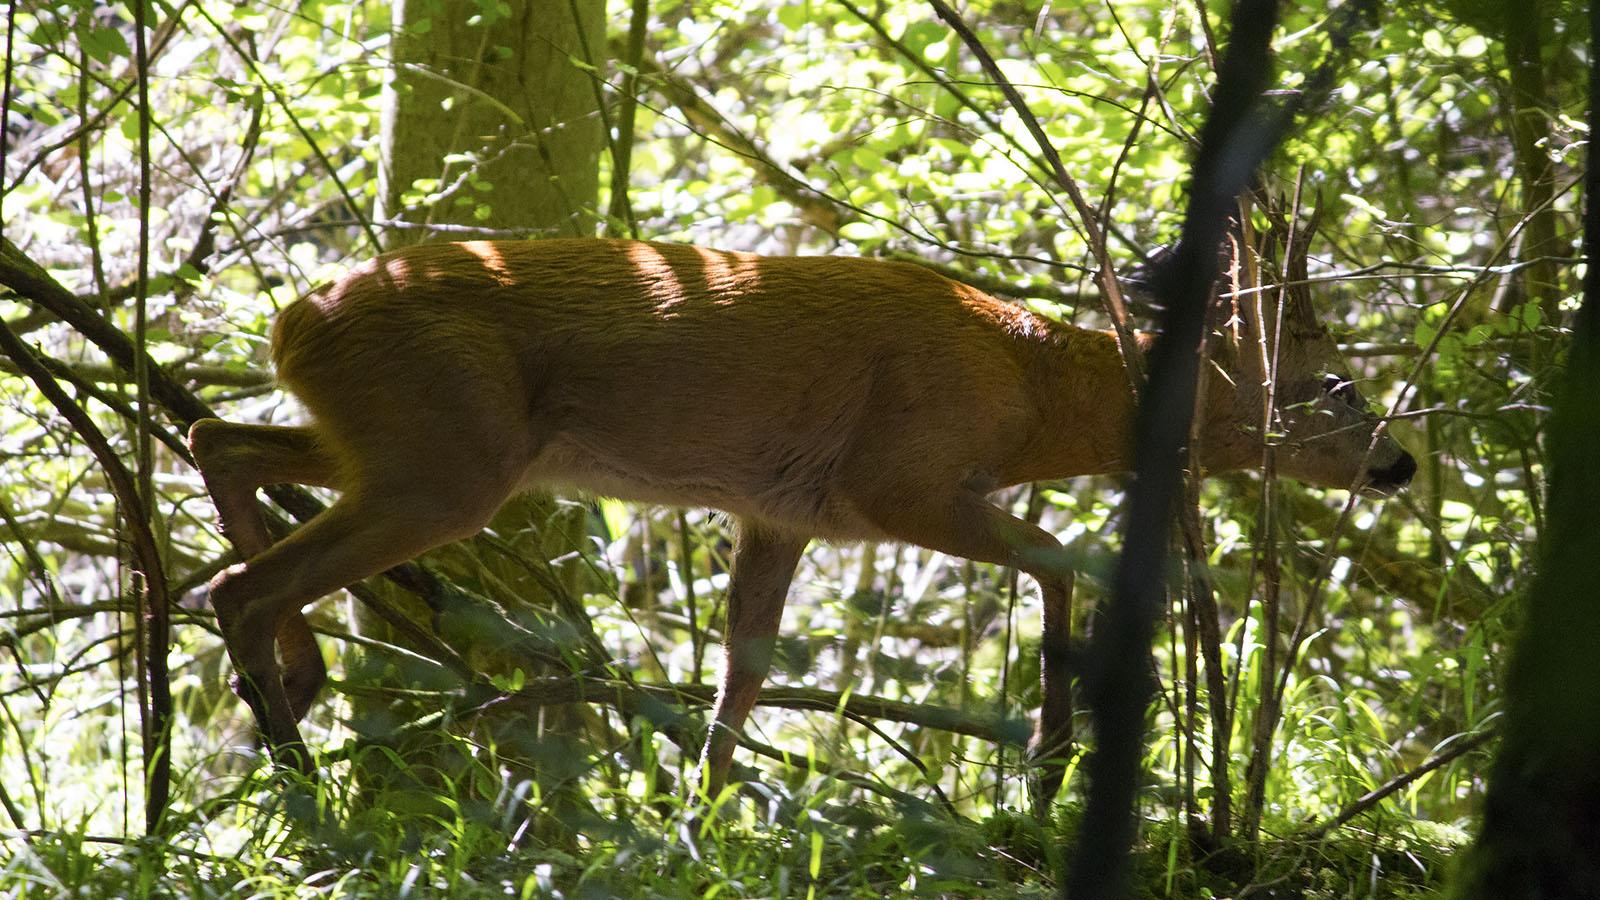 Seit einiger Zeit leben auf dem Gelände Rehe. Mit etwas Glück (und Vorsicht) können die Tiere auch am Tag beobachtet werden